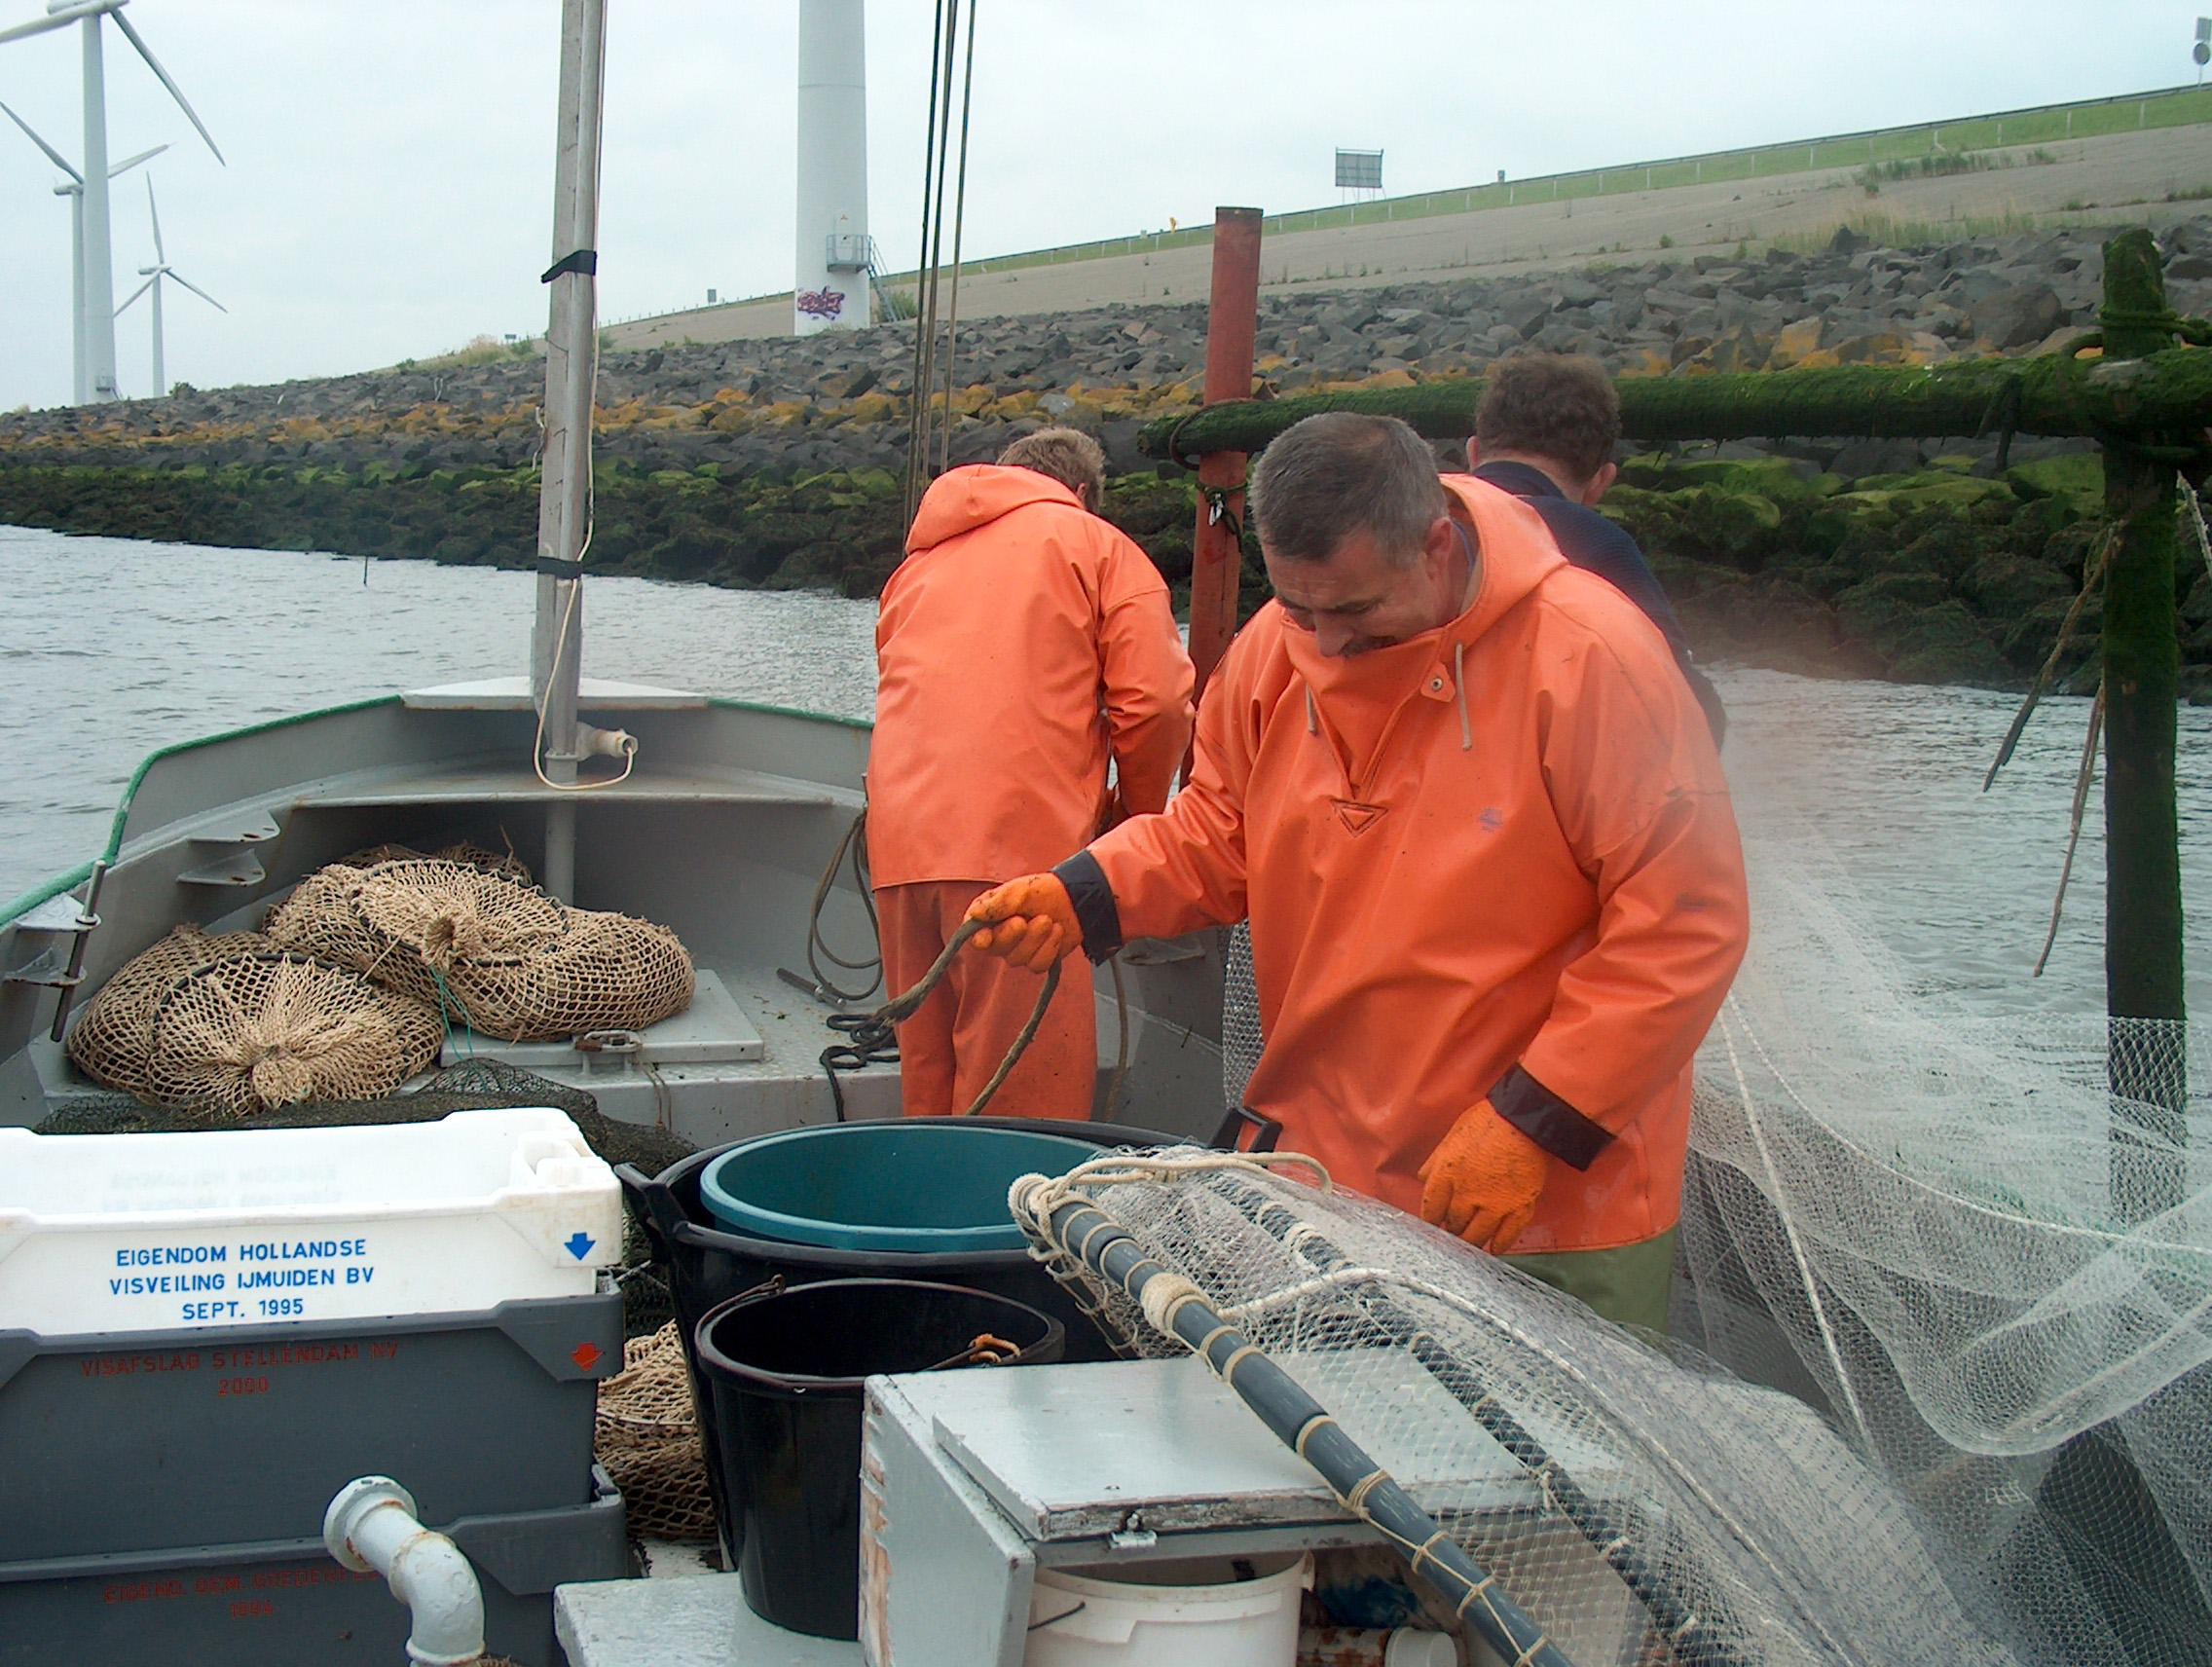 NetVISwerk denkt mee over vis en visserij rond Haringvlietdam.